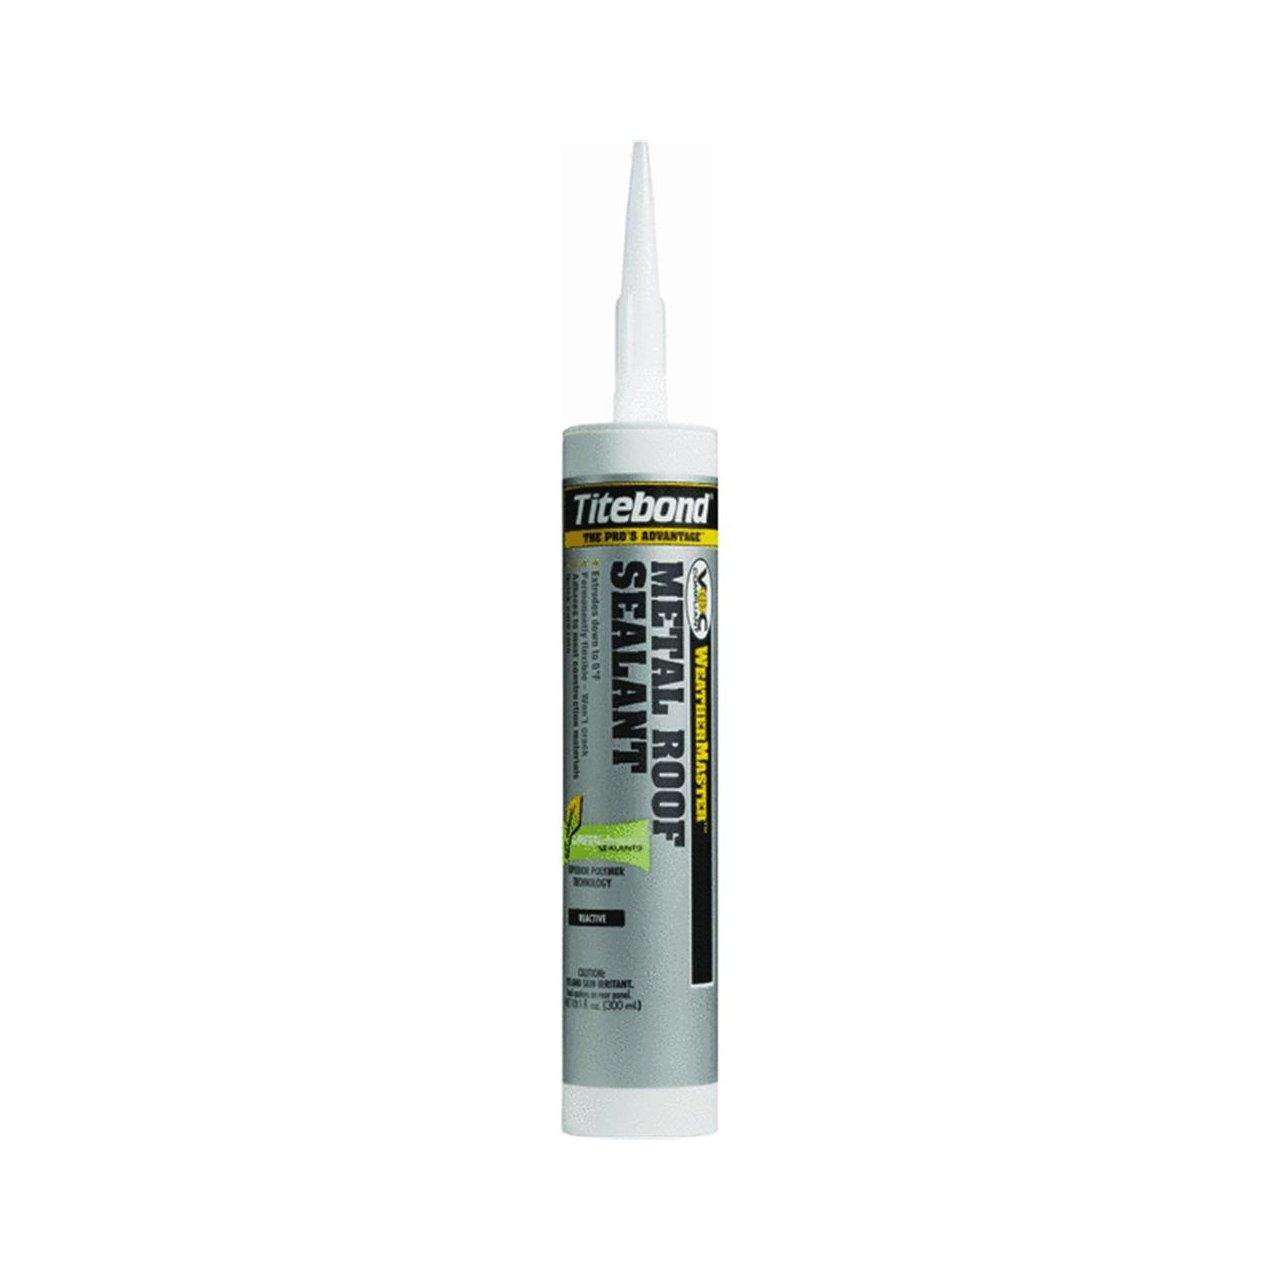 5. Titebond Weathermaster metal roof sealant